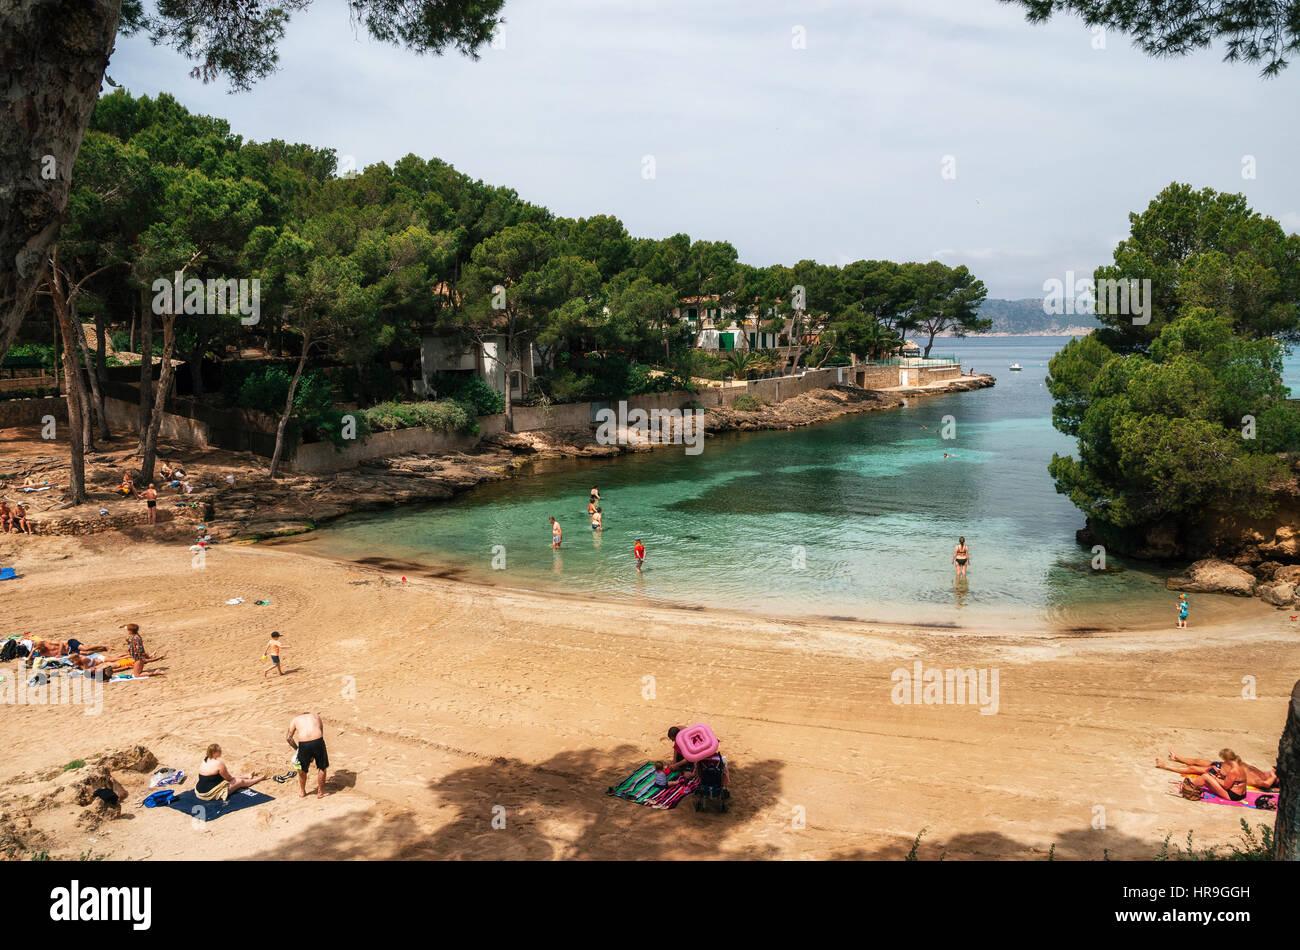 Poco Pellicer spiaggia di Santa Ponsa con verde acqua azzurra, bagnanti e vacanzieri in una giornata di sole. Accogliente Immagini Stock